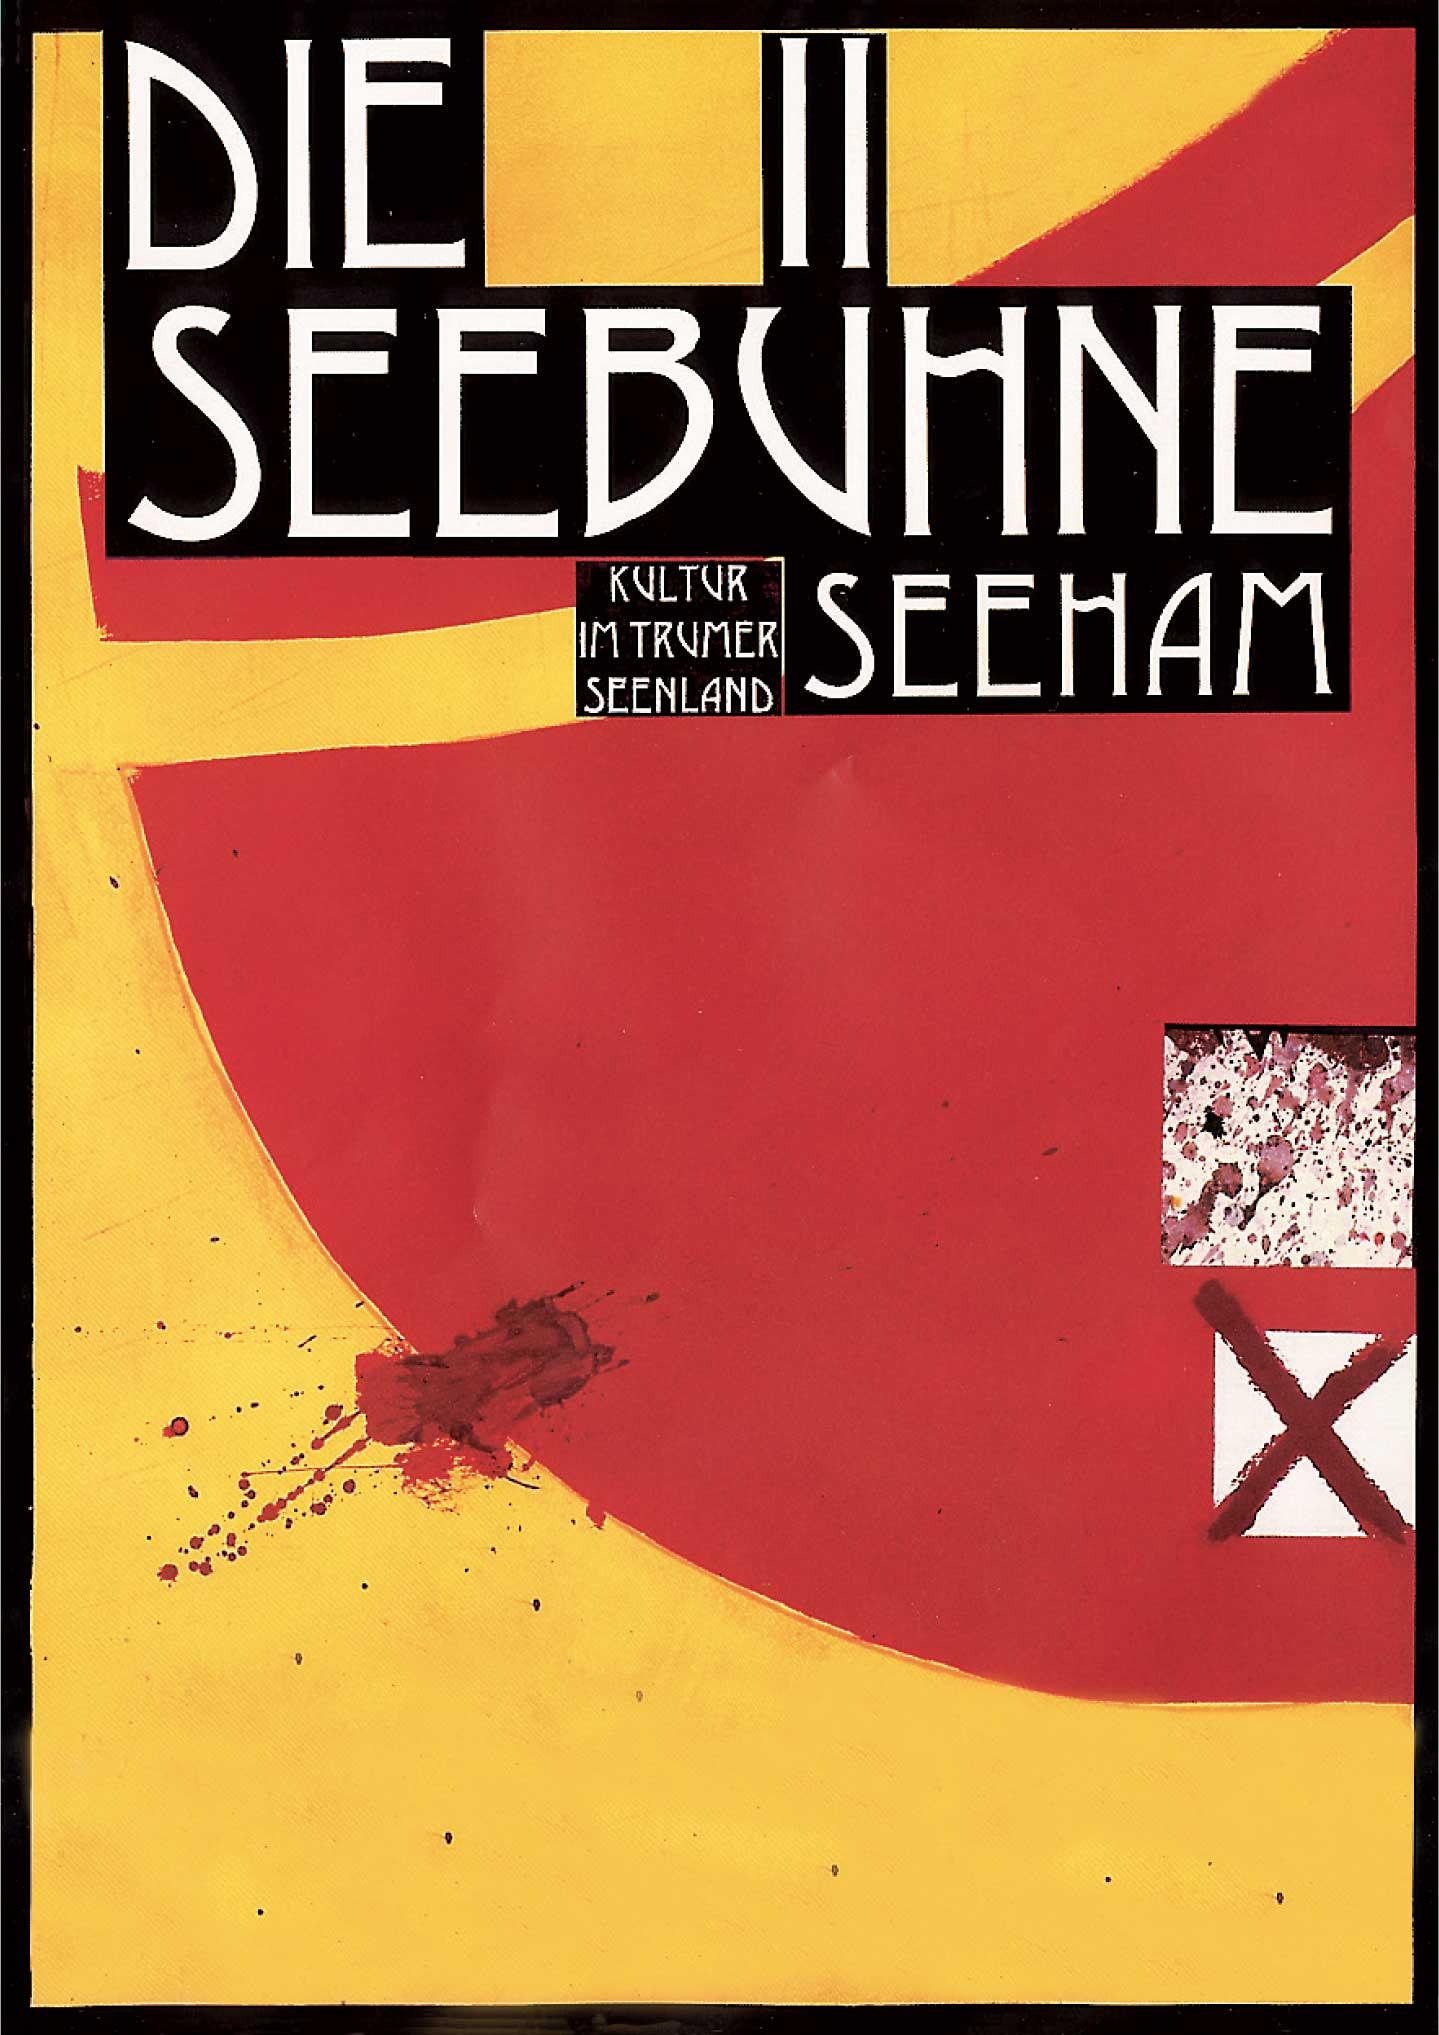 Seebühne Seeham